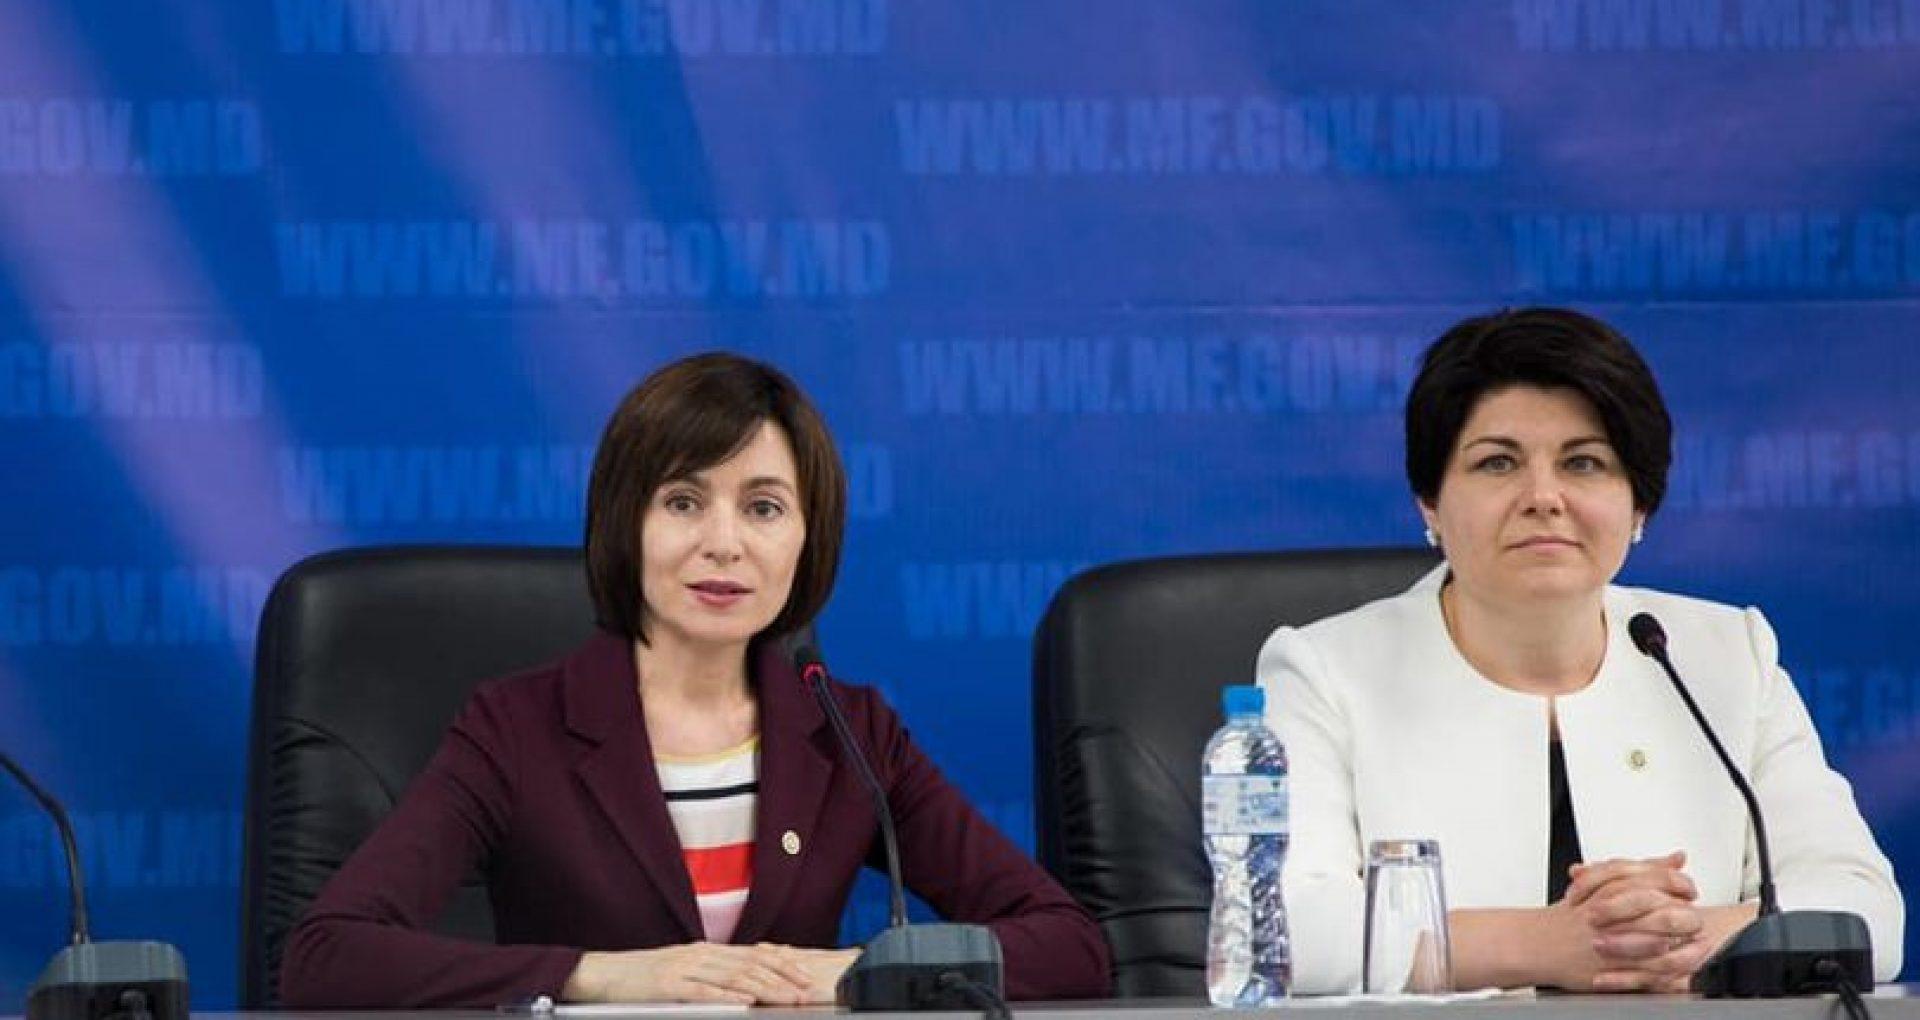 Președinta Sandu spune ce urmează dacă deputații votează Guvernul Gavrilița